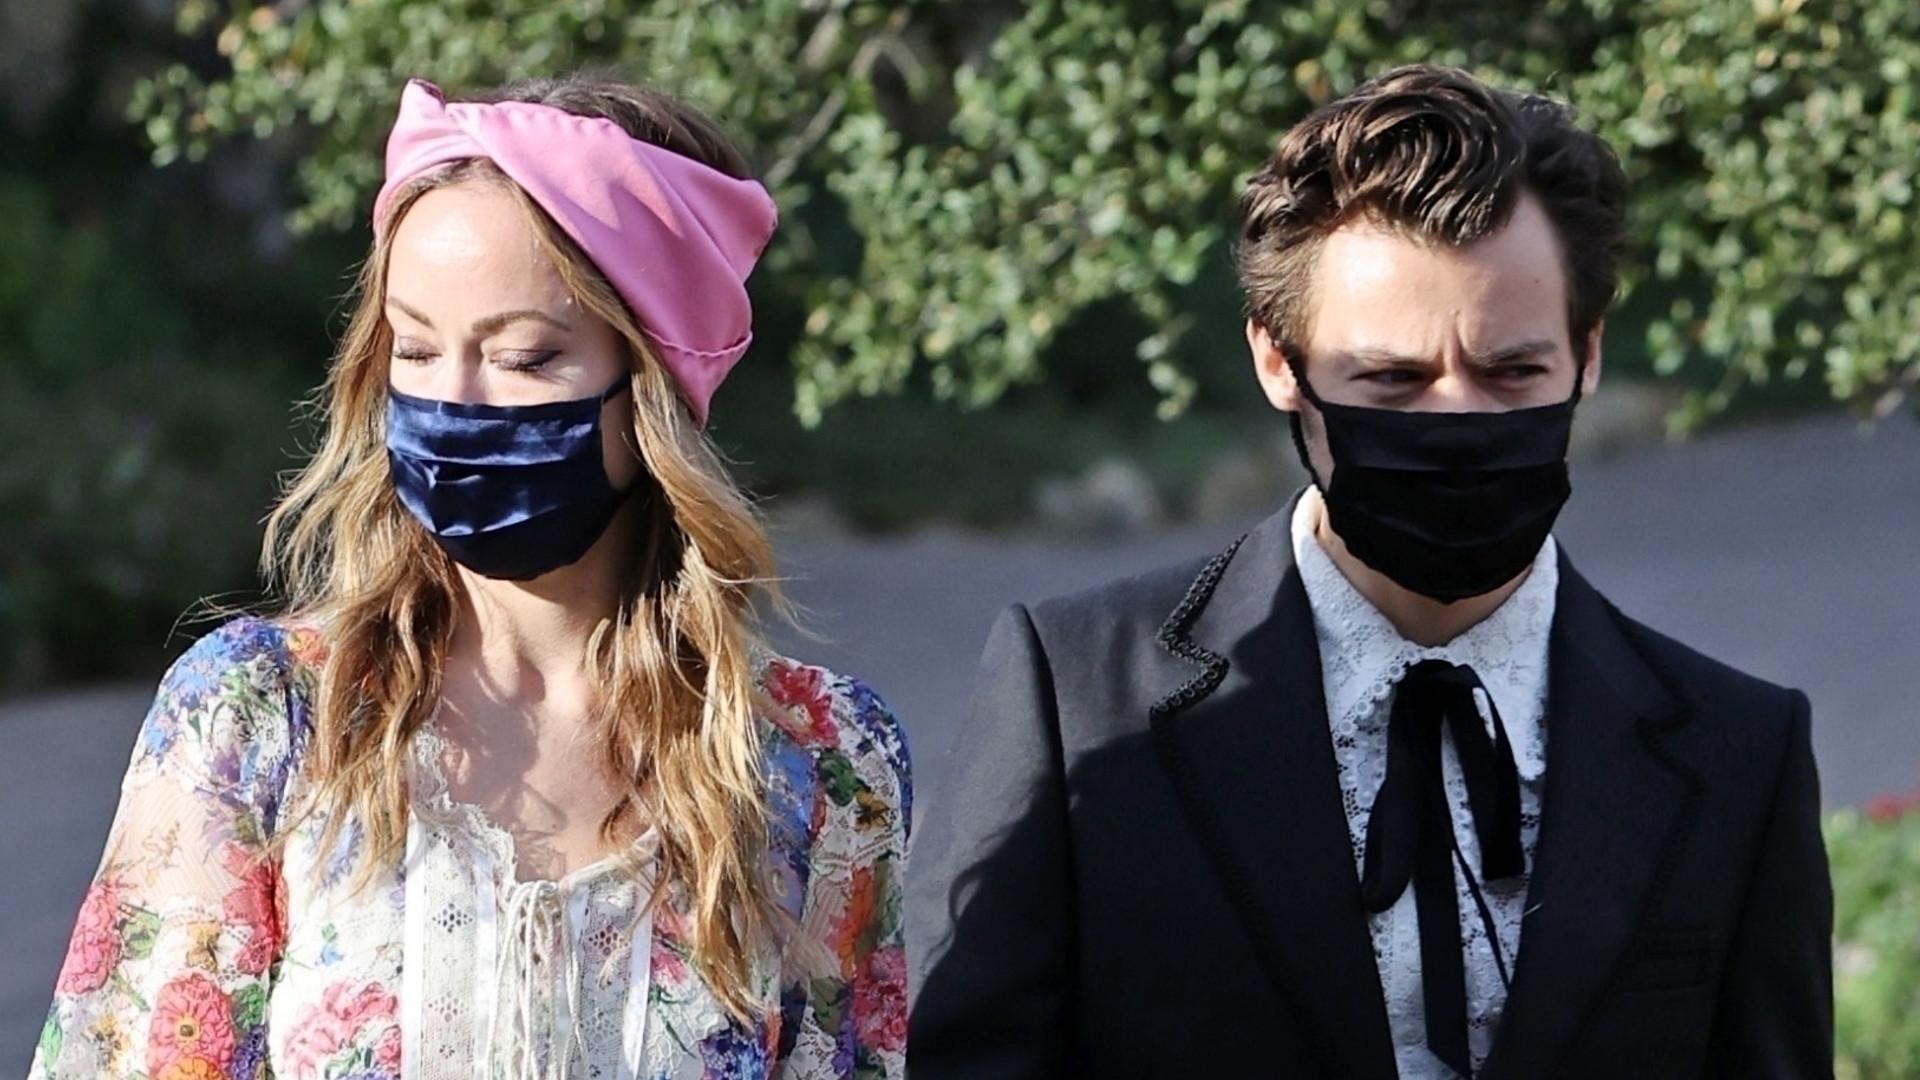 Harry Styles i Olivia Wilde OFICJALNIE razem na ślubie. Aktorka w pięknej kreacji (ZDJĘCIA)